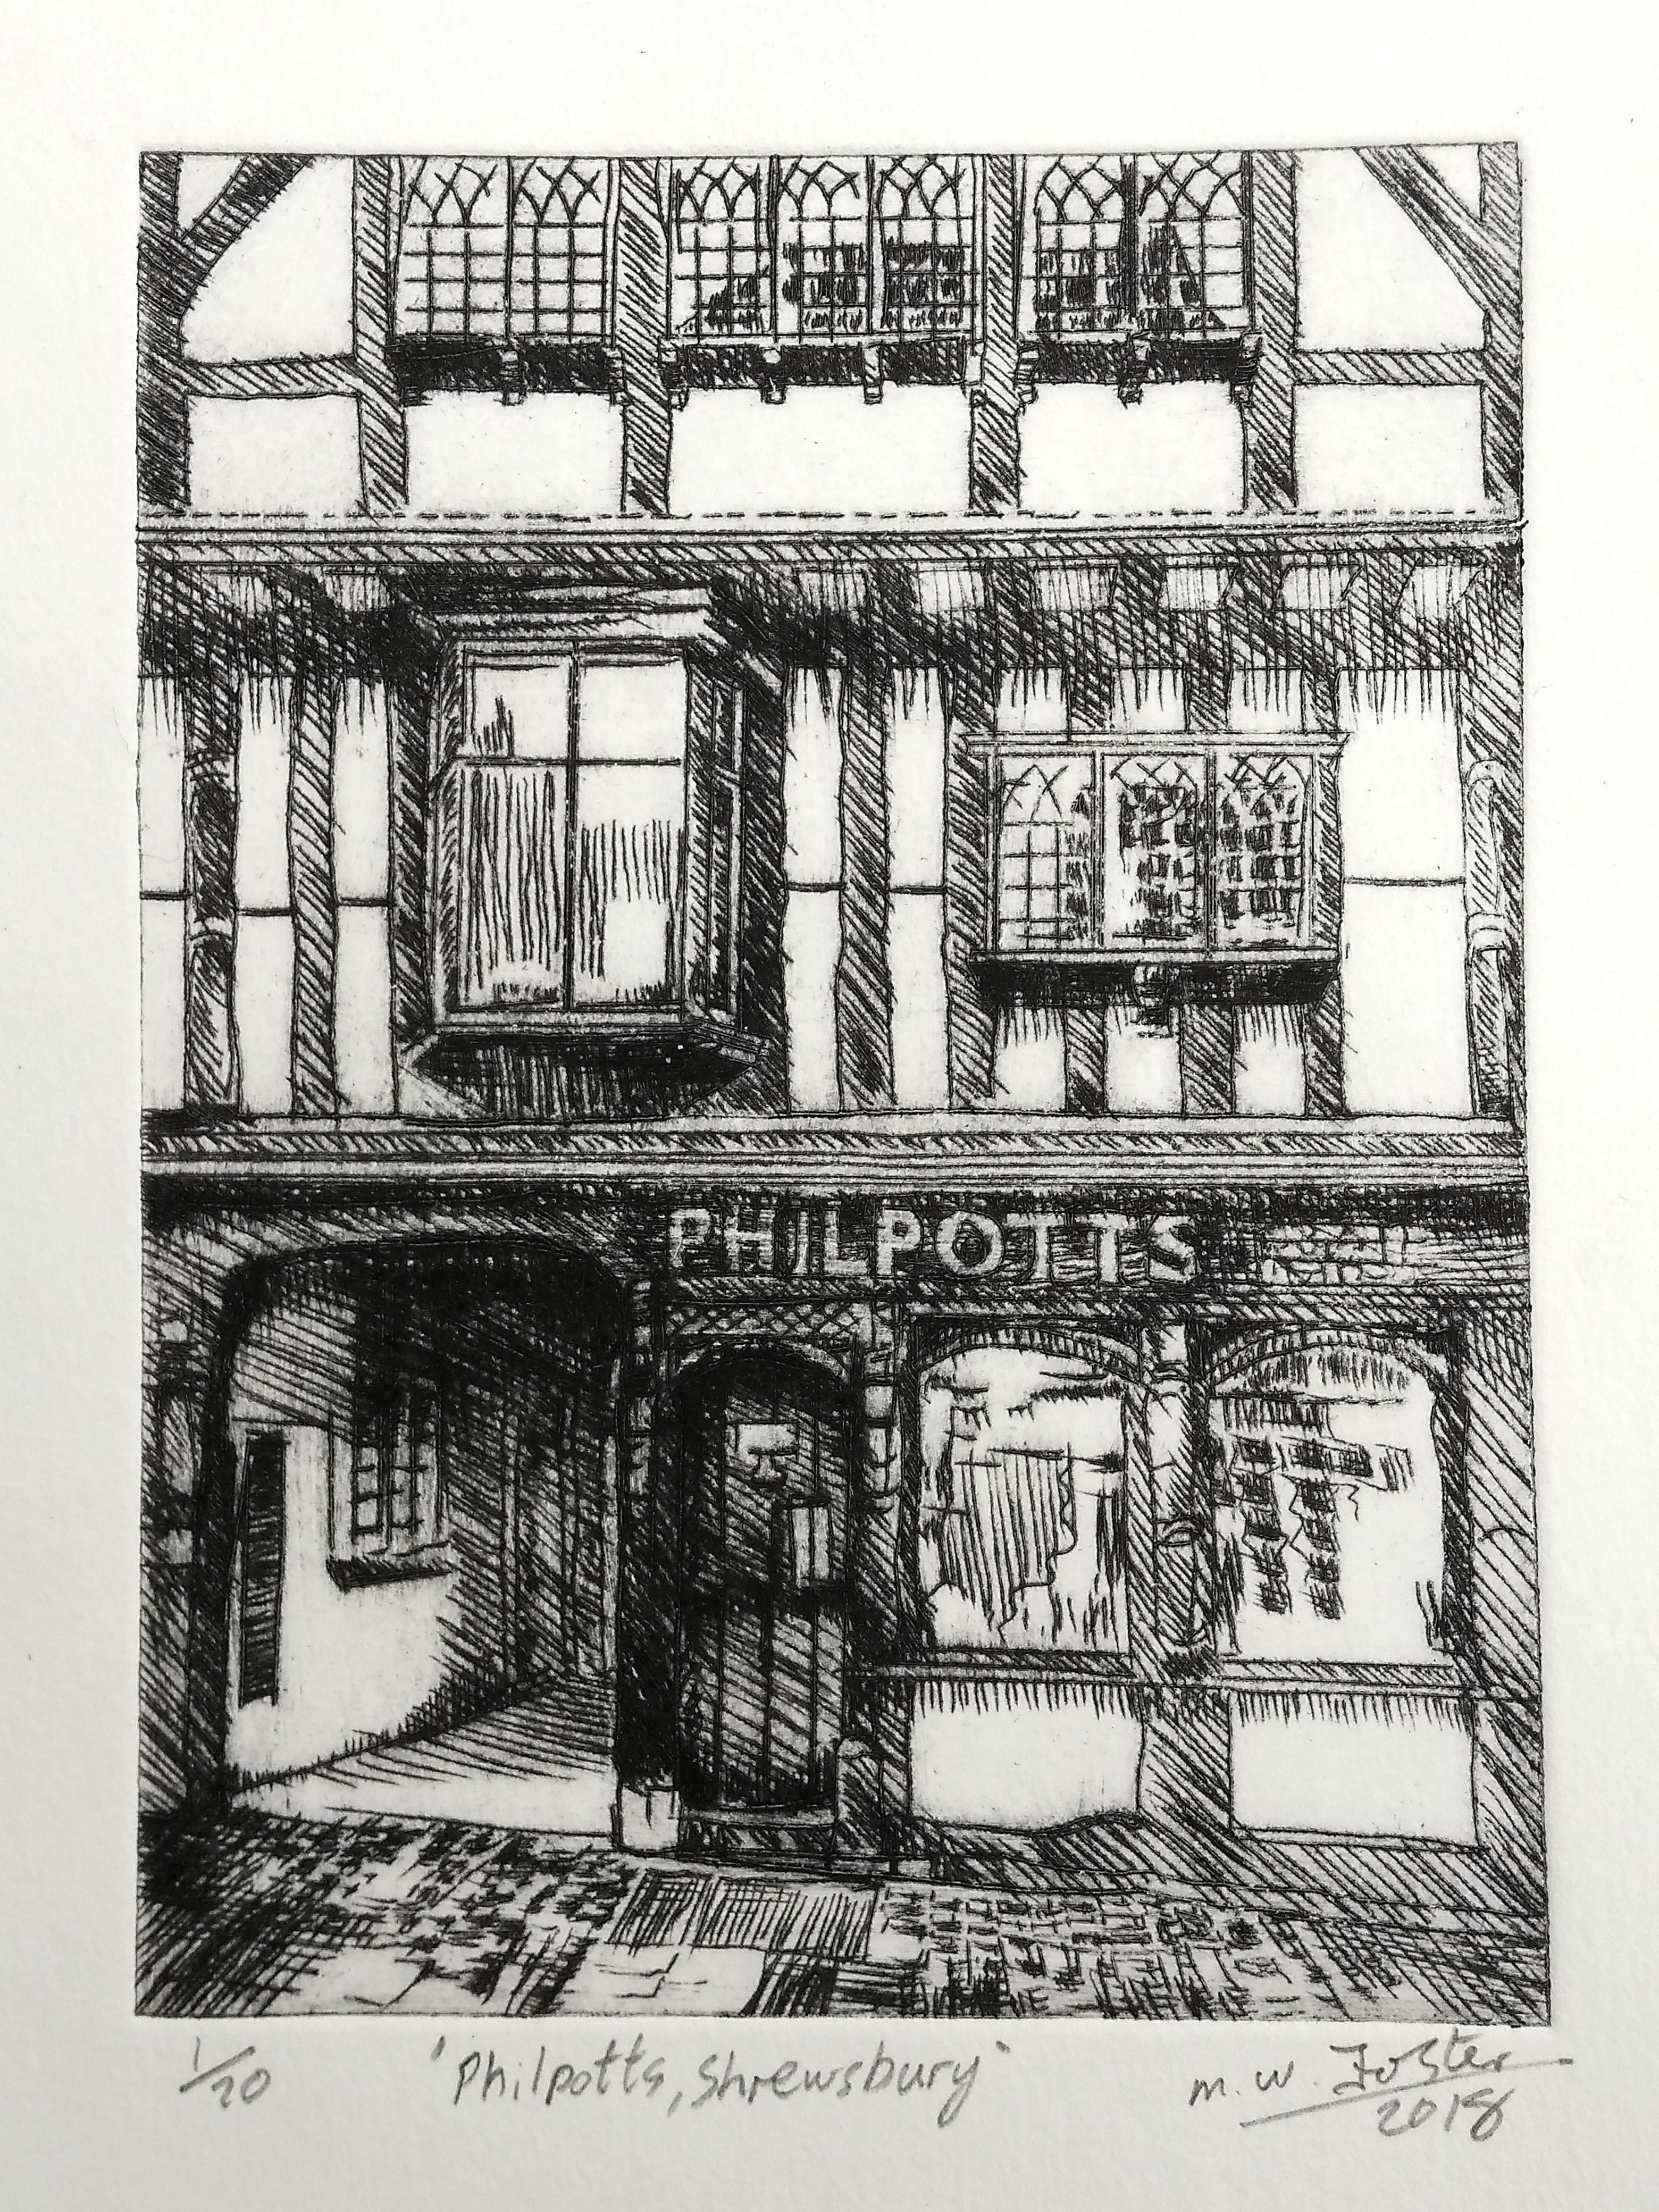 Philpotts, Shrewsbury